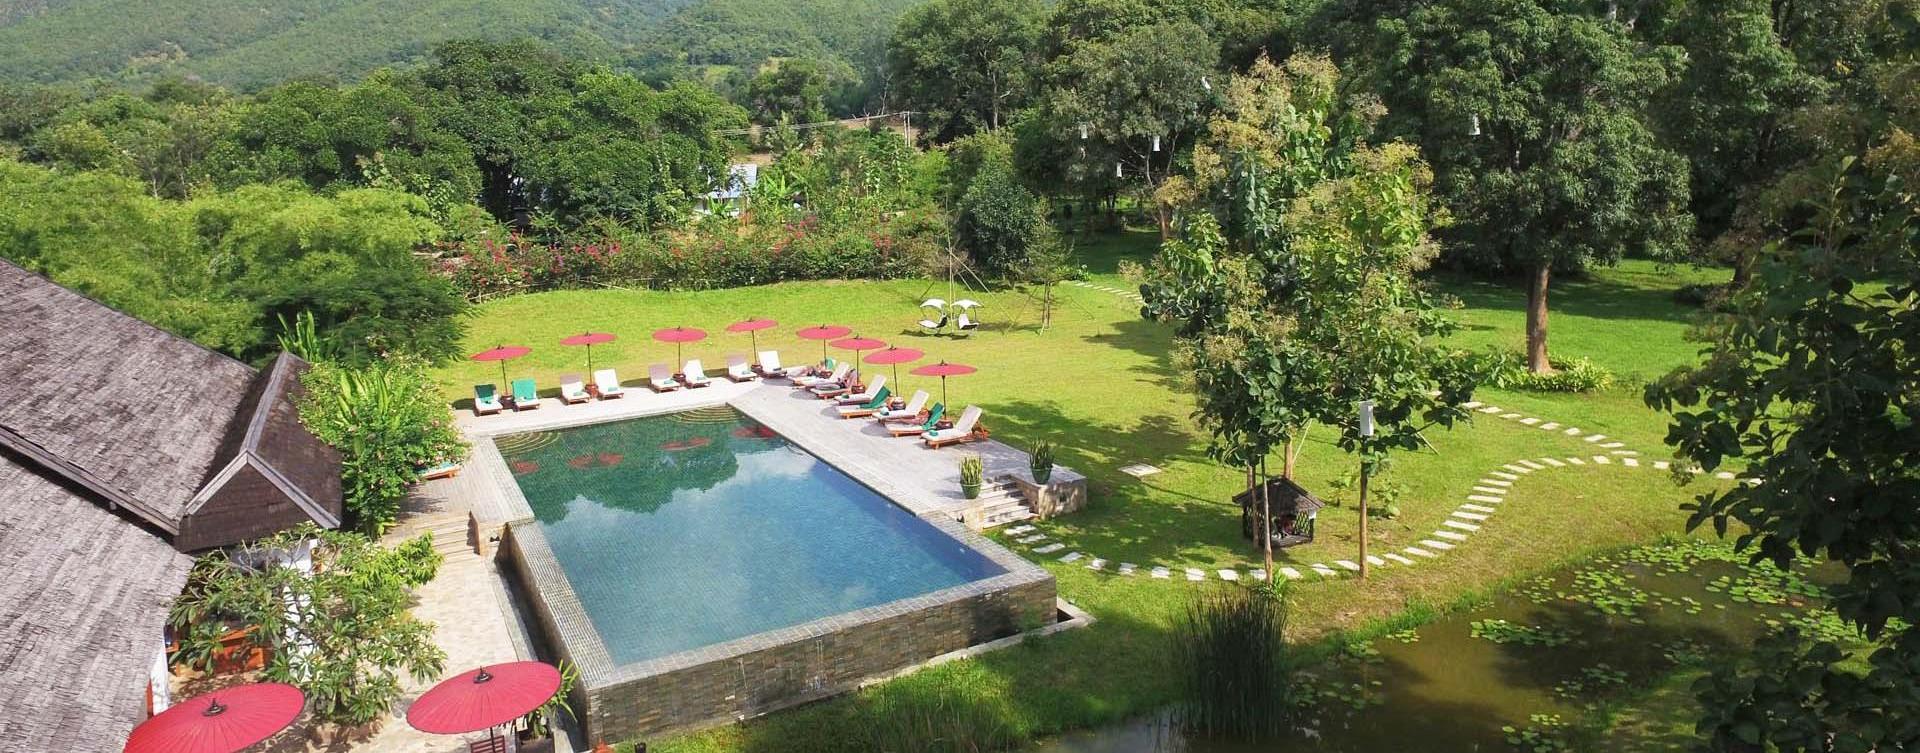 Pool-View-Inle-Lake-Villa-Inle